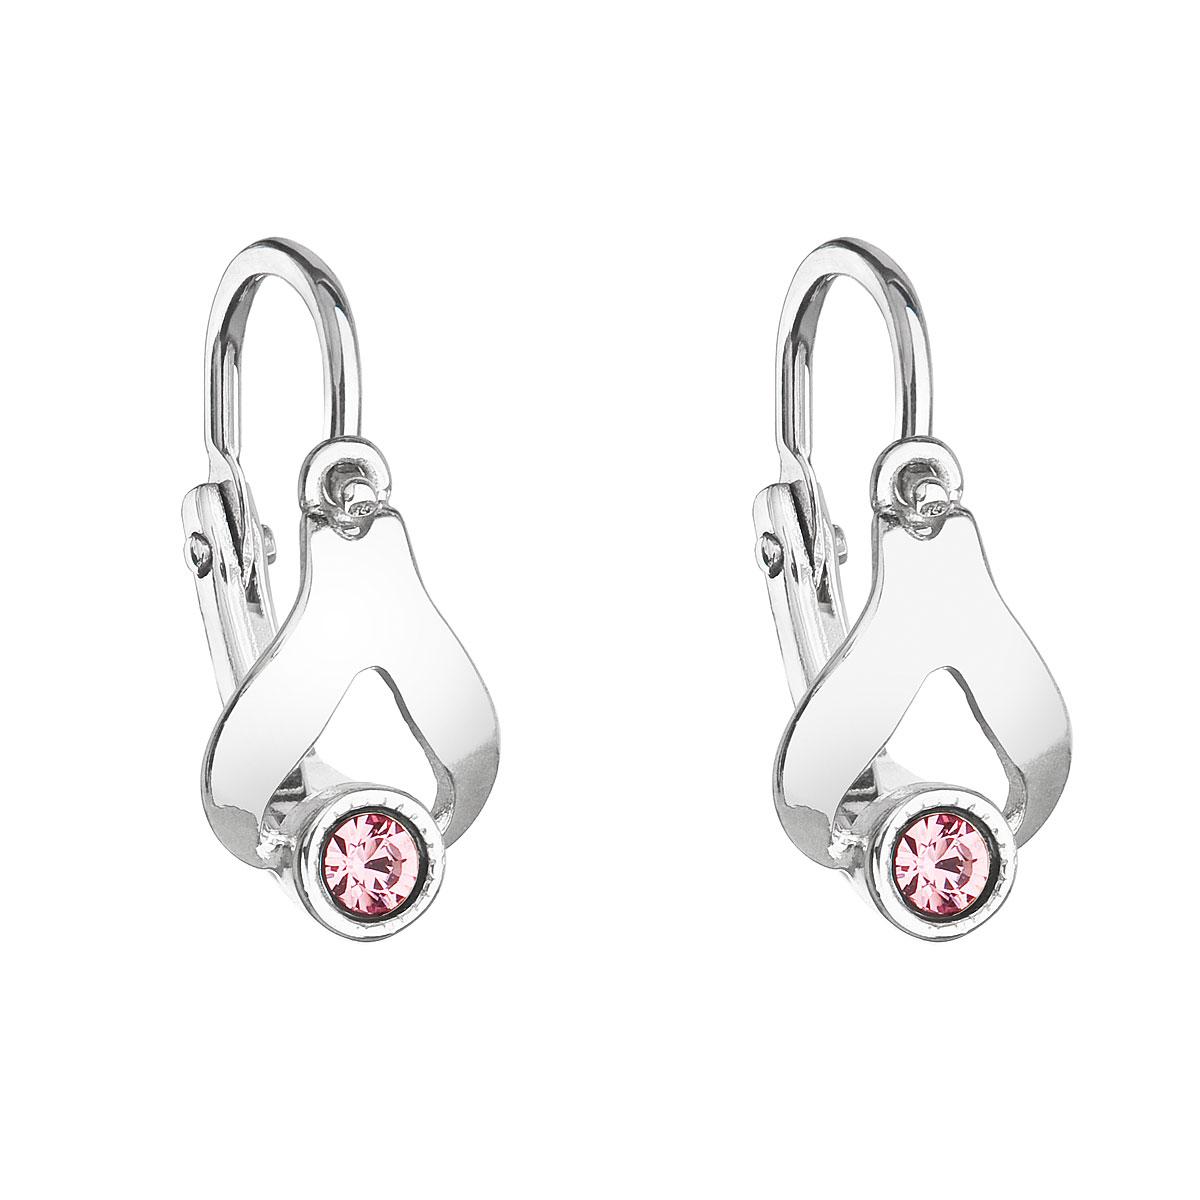 Stříbrné dětské náušnice visací s krystaly Swarovski růžová slza 31198.3